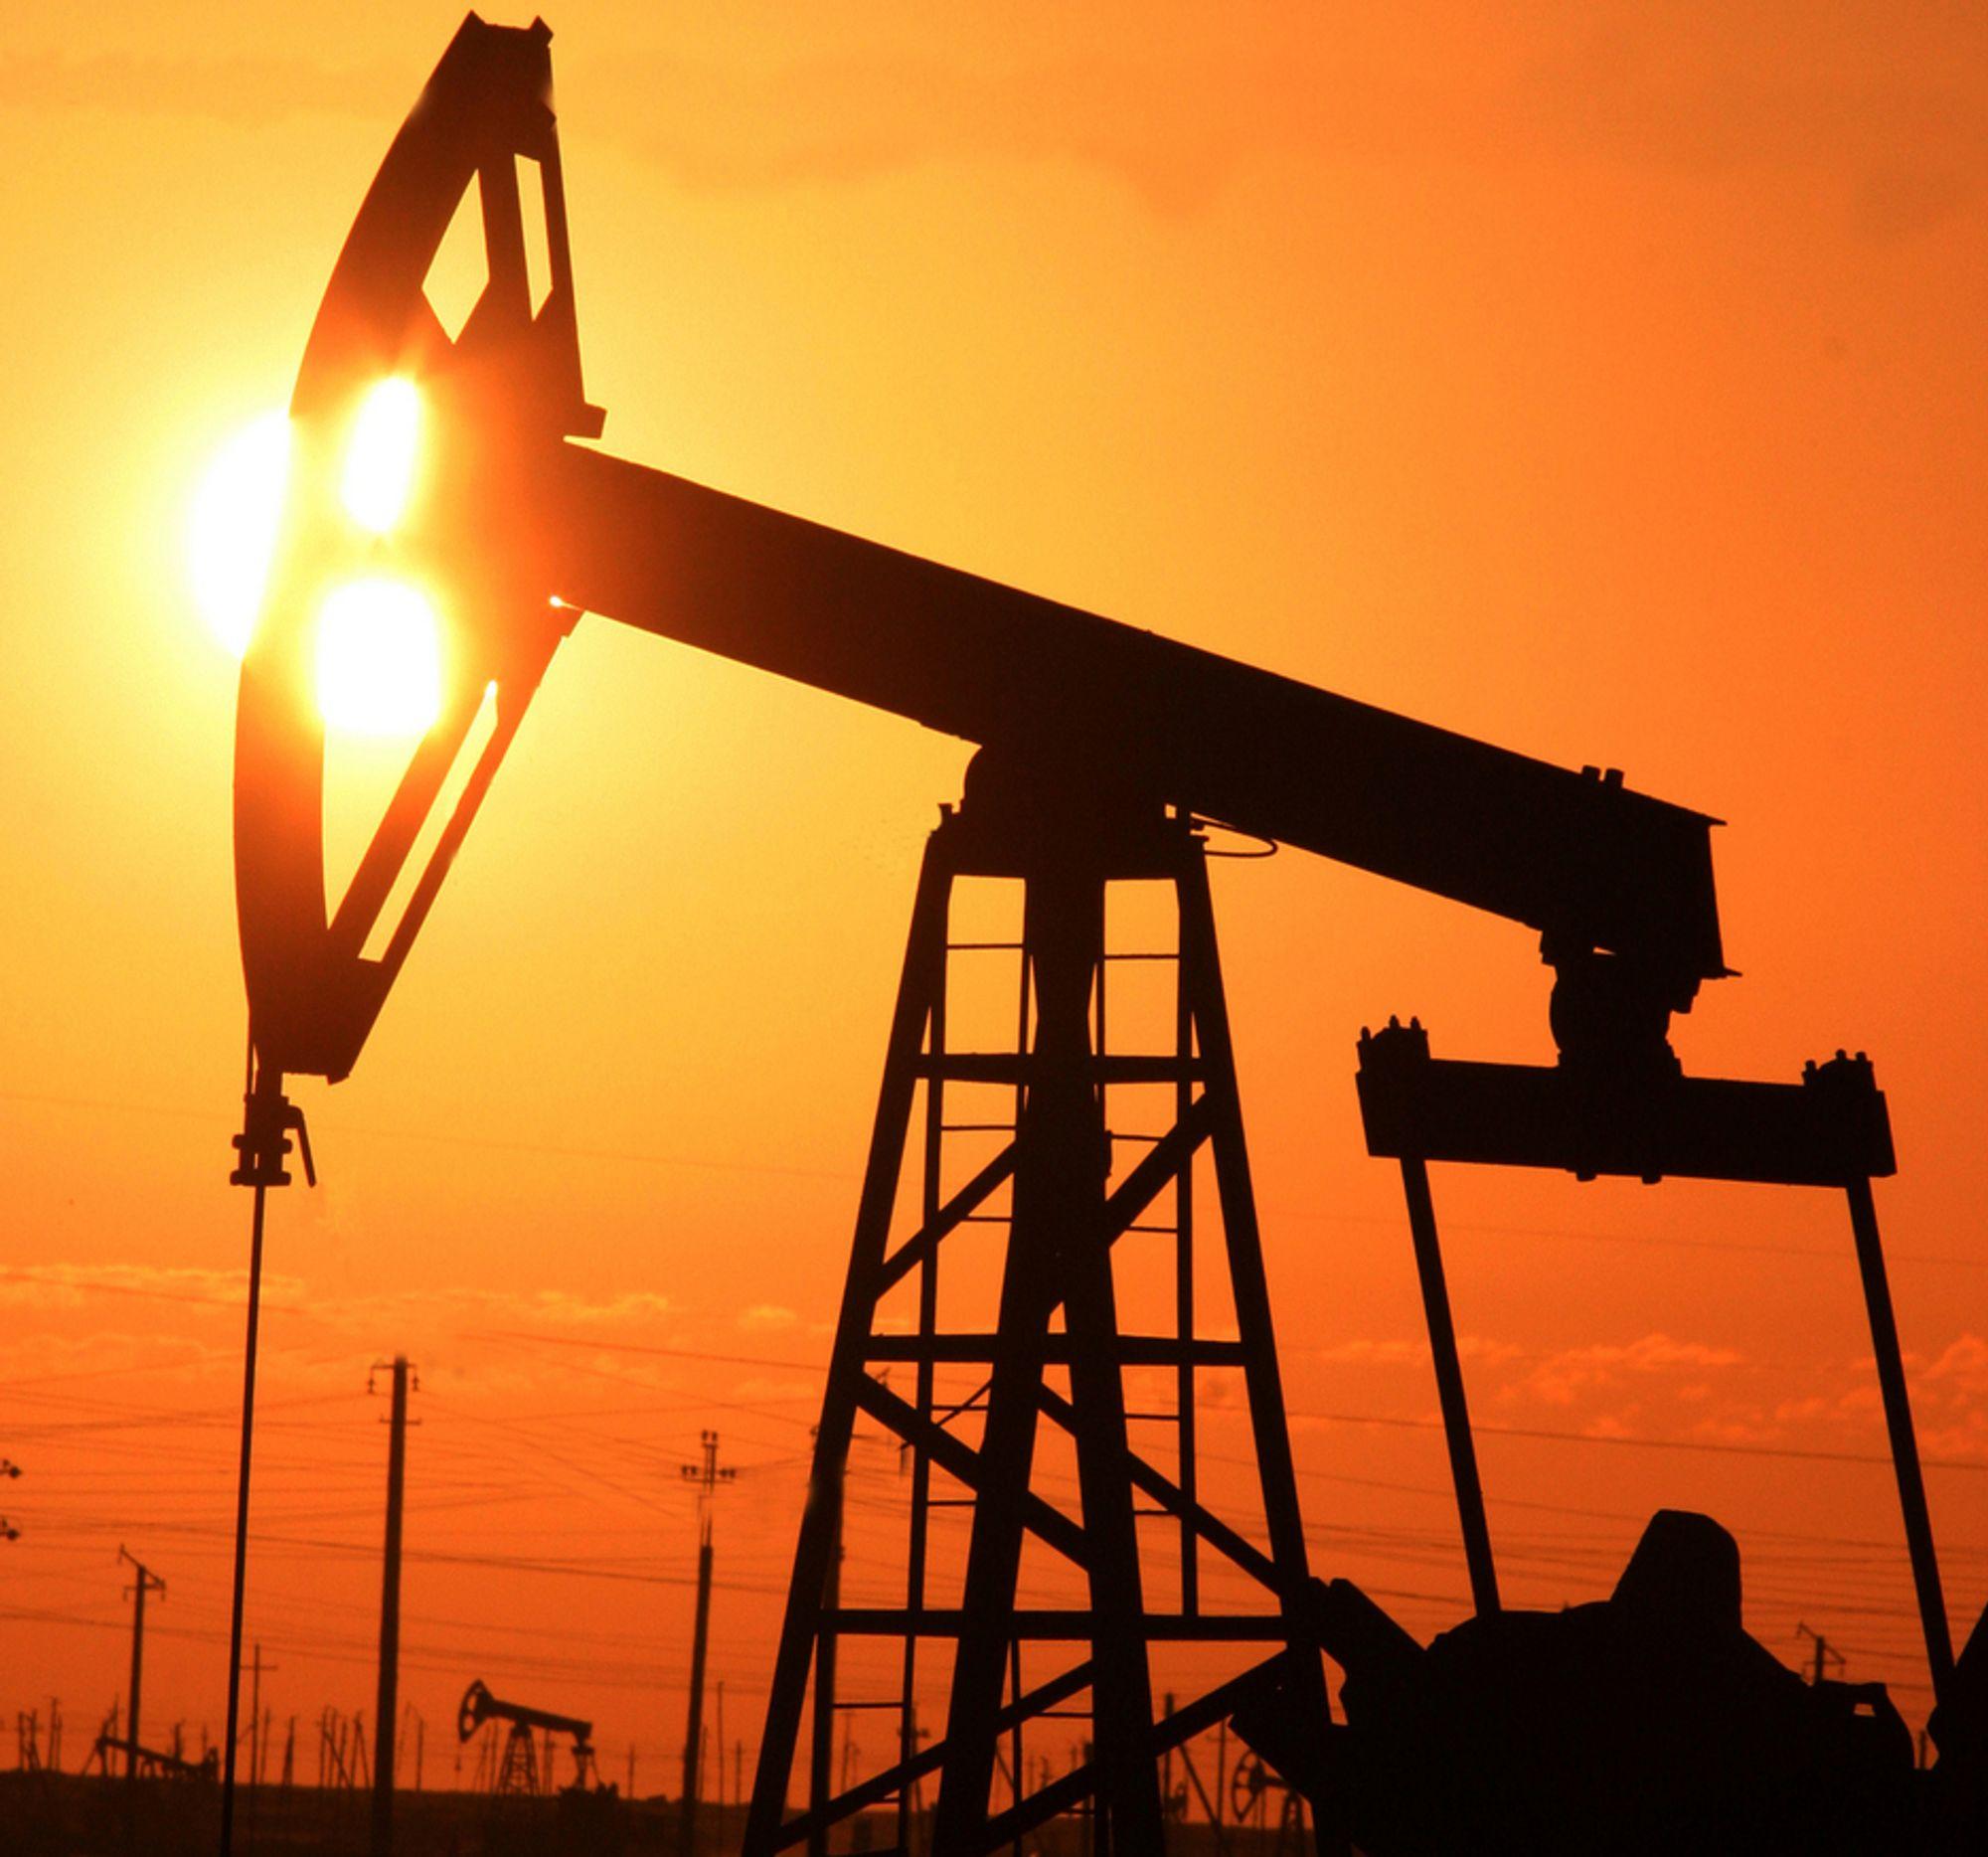 """FRYKTER """"PEAK OIL"""": En energisikkerhetsgruppe mener den britiske regjeringen må ta inn over seg risikoen for oljemangel. Det kan gi høye priser og store økonomiske problemer. Gruppen har Yahoo og Virgin som medlemmer."""